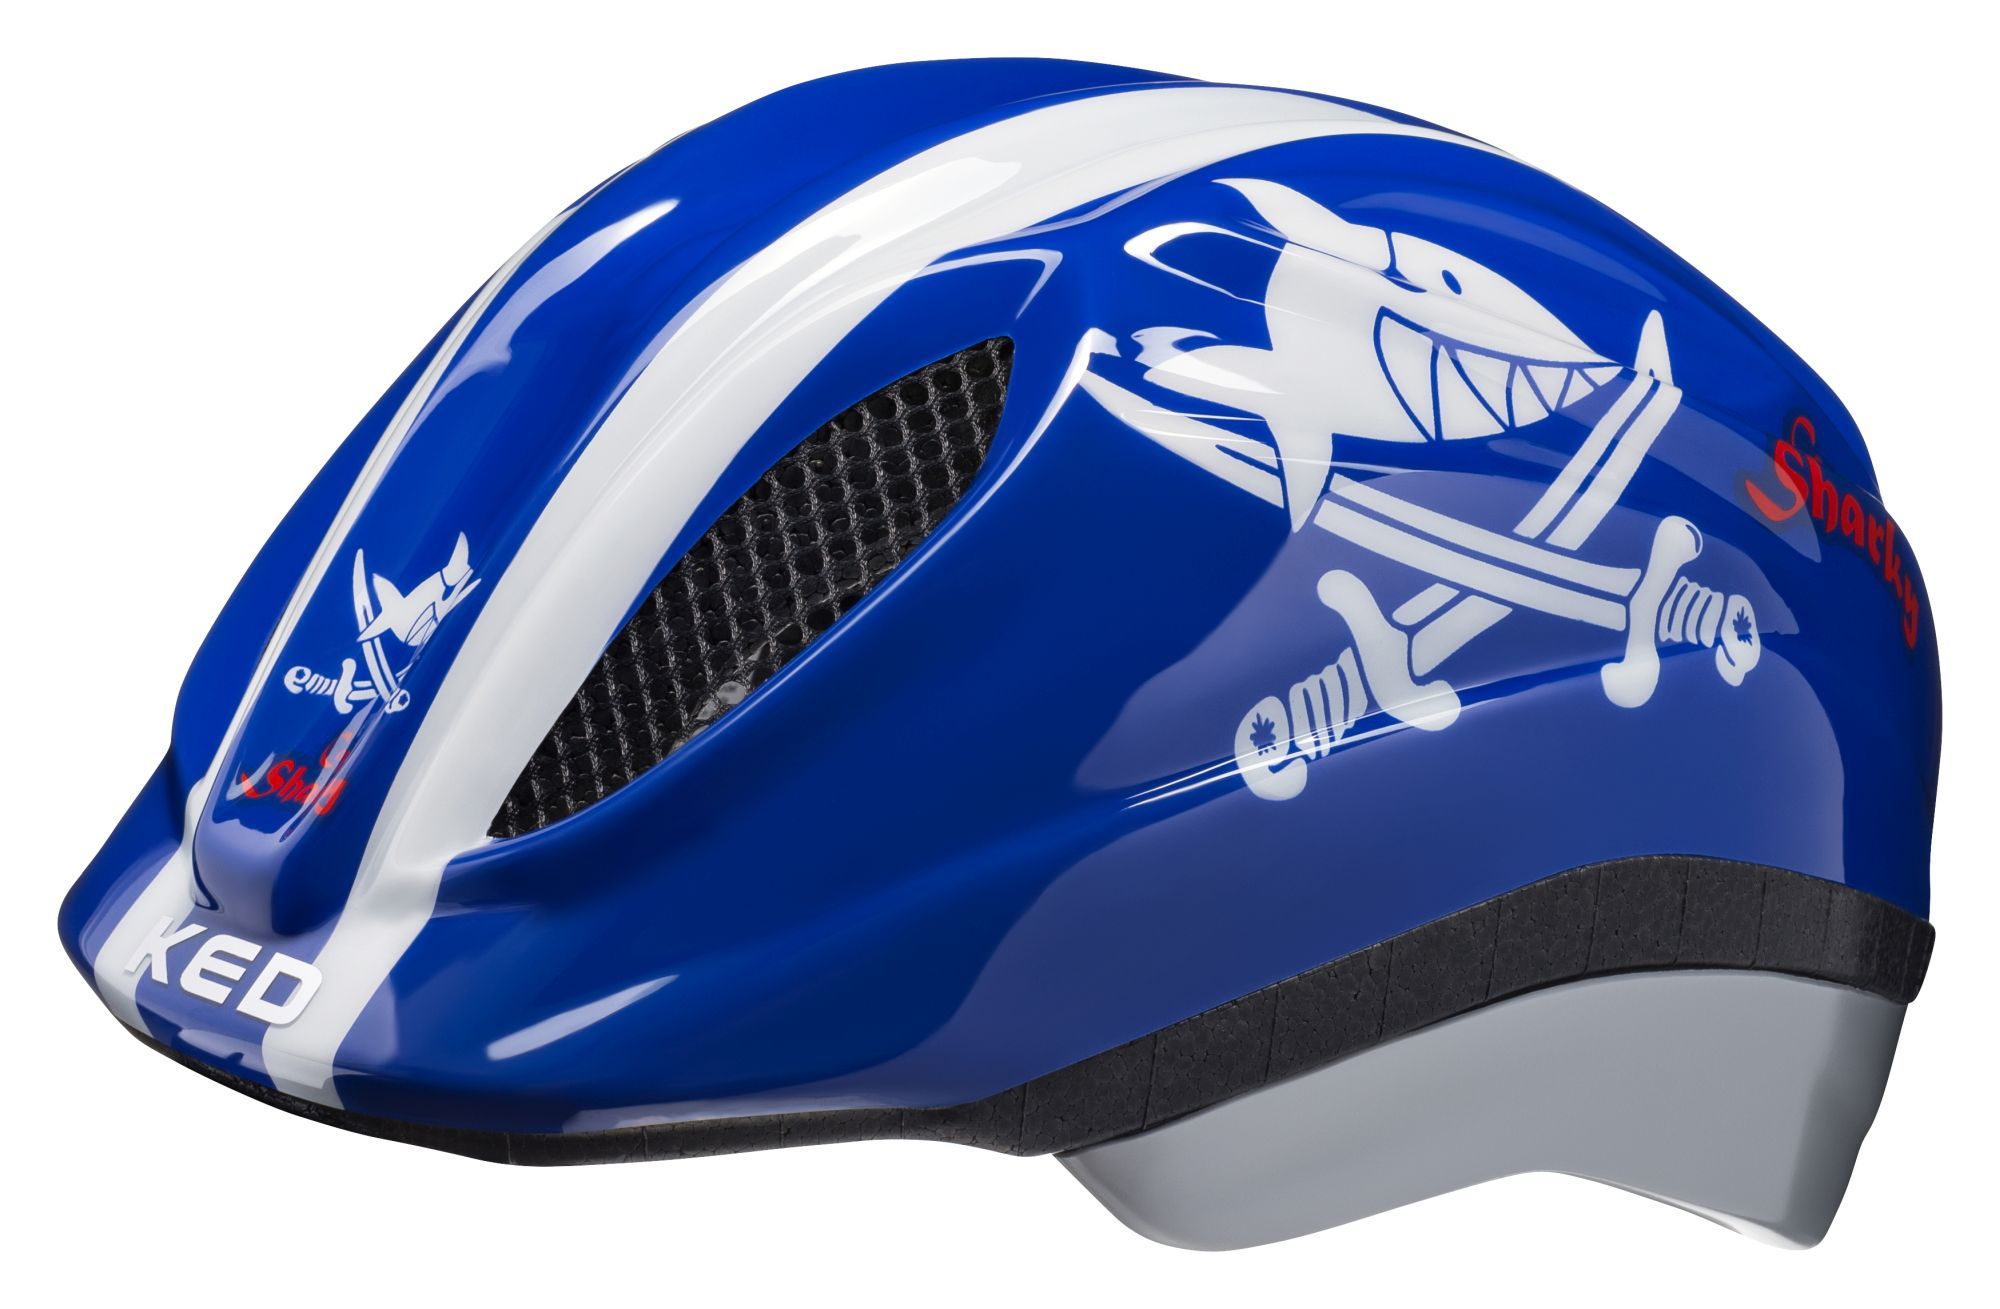 kinder- / jugend-helme/Helme: KED  Fahrradhelm Meggy II Originals 44-49 cm